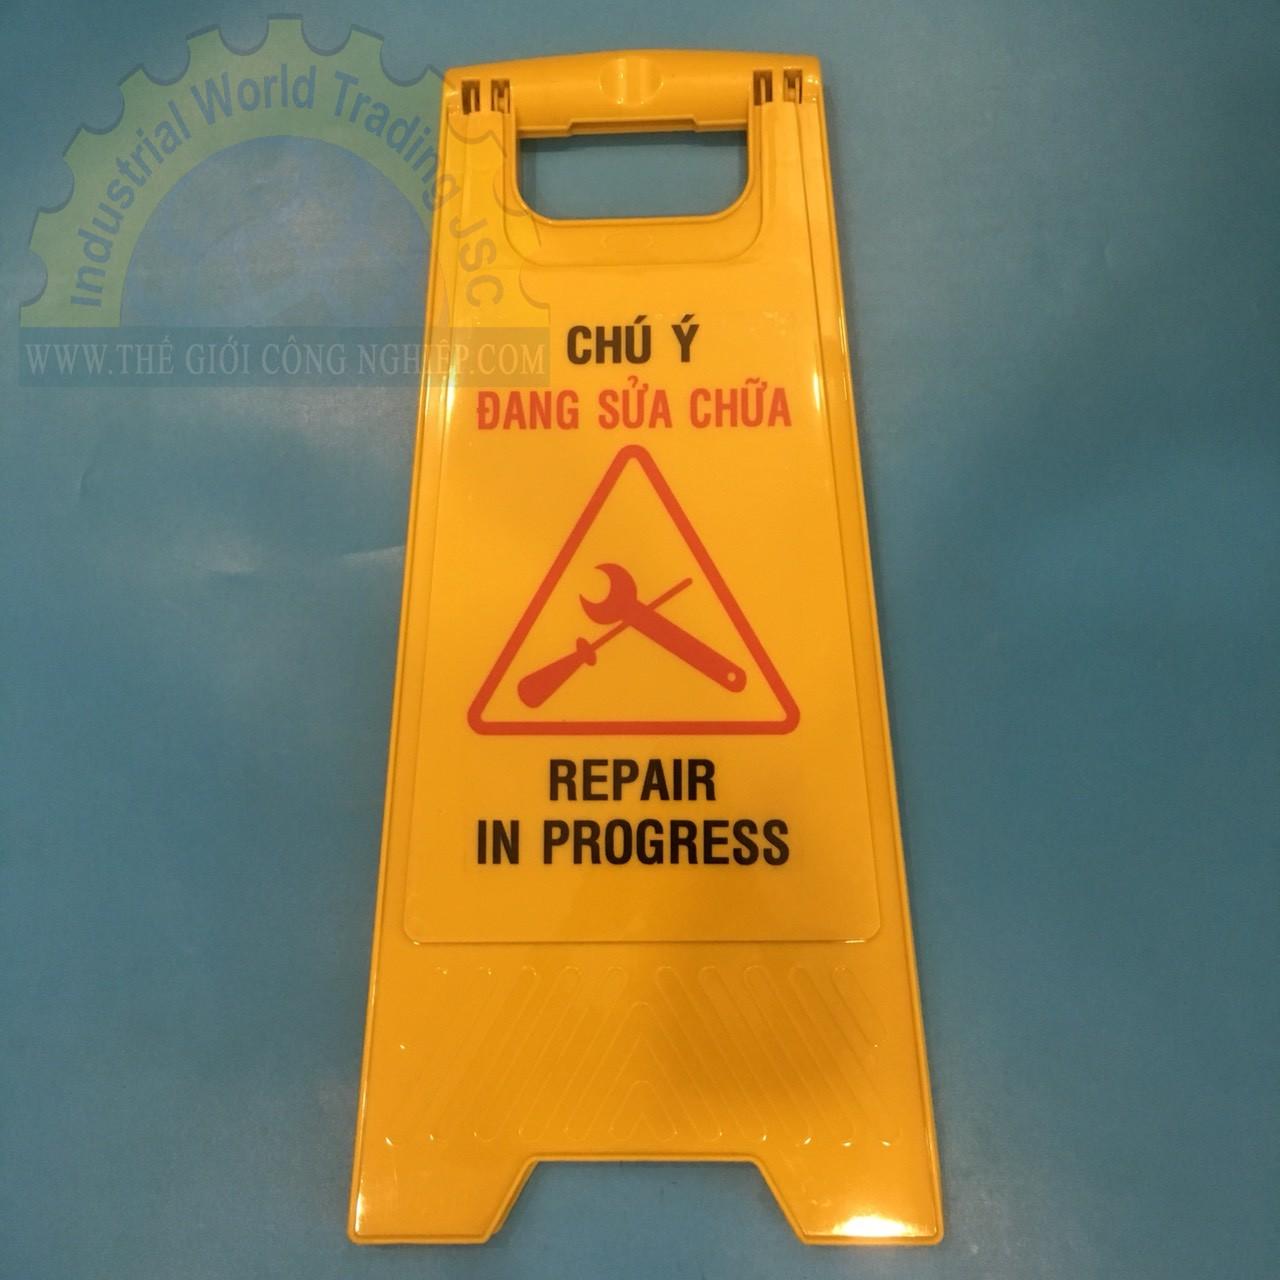 Biển cảnh báo khu vực đang sửa chữa  TGCN-41920 OEM-1856